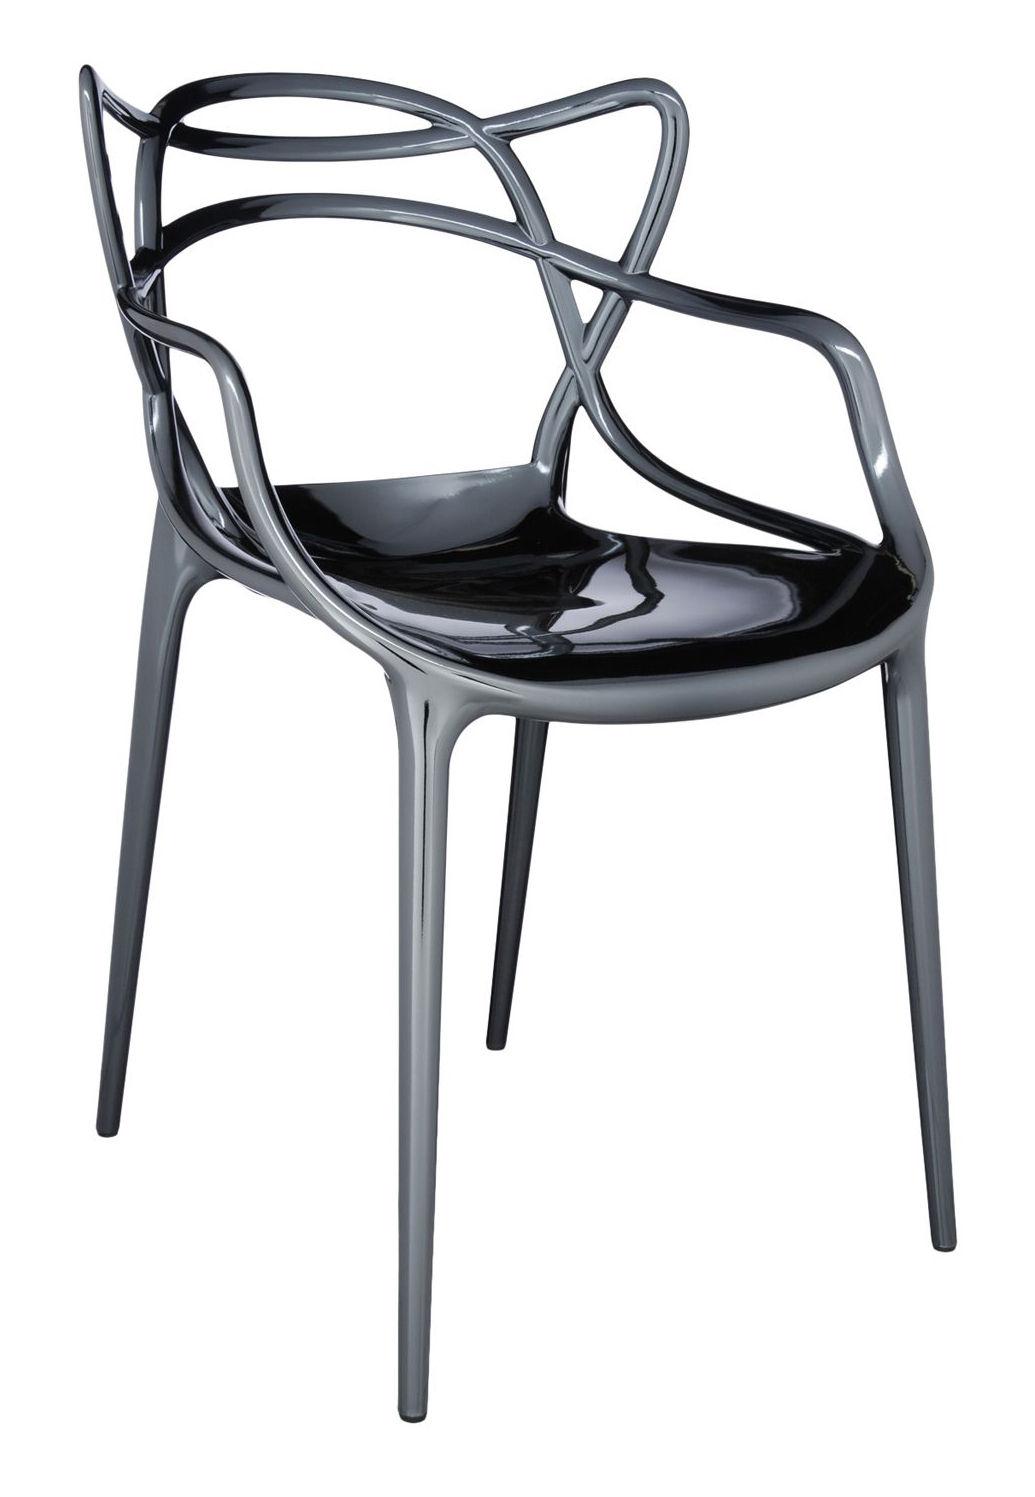 Mobilier - Chaises, fauteuils de salle à manger - Fauteuil empilable Masters / Métallisé - Kartell - Titane - Polypropylène métallisé